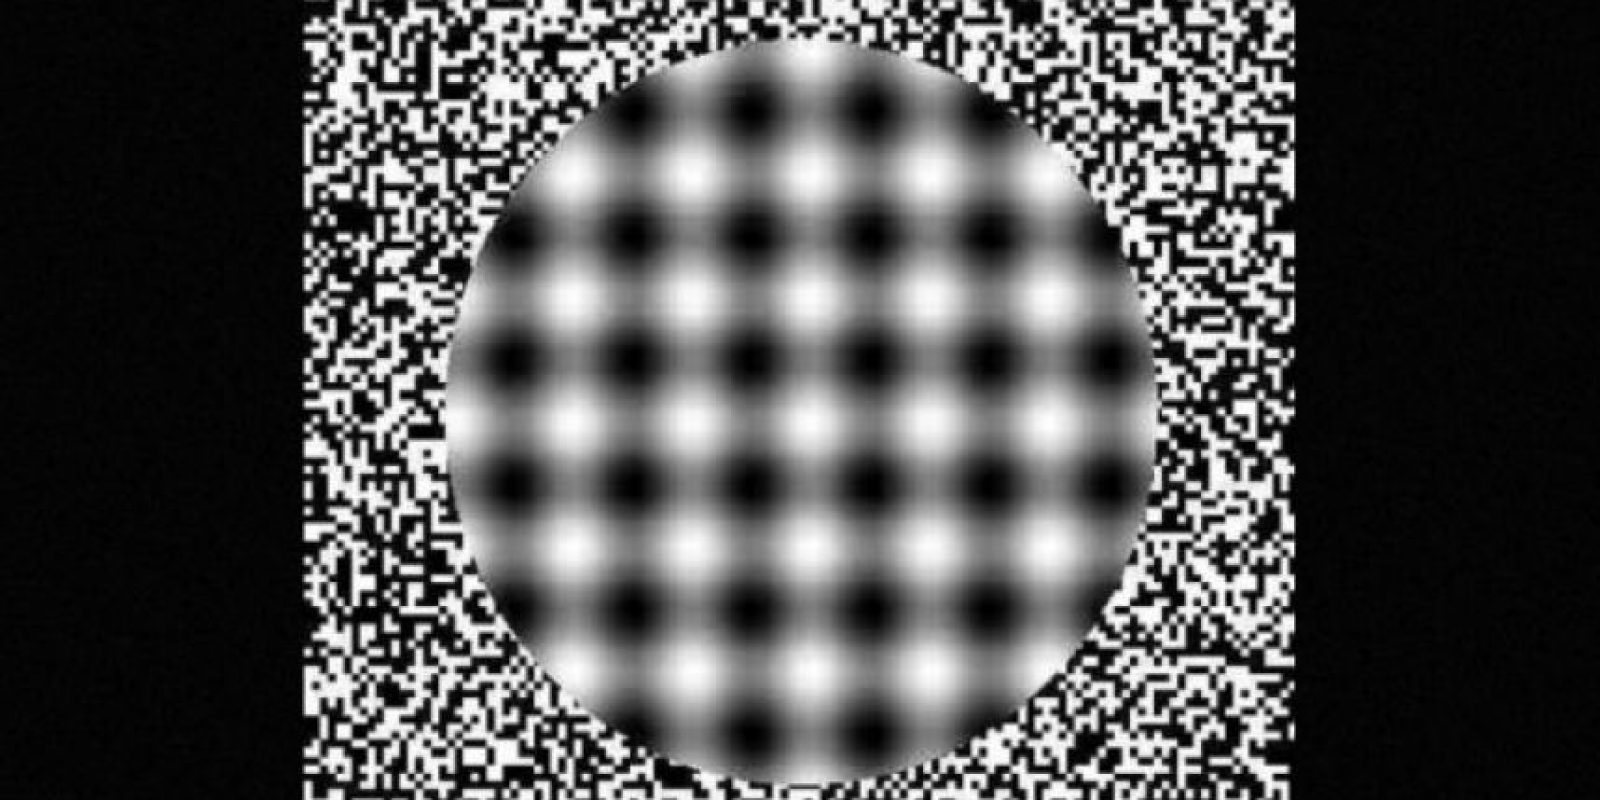 Aunque son nuestros ojos los que captan lo que vemos, quizá la mayor parte de nuestra visión se debe a nuestro cerebro. Foto:Tumblr. Imagen Por: